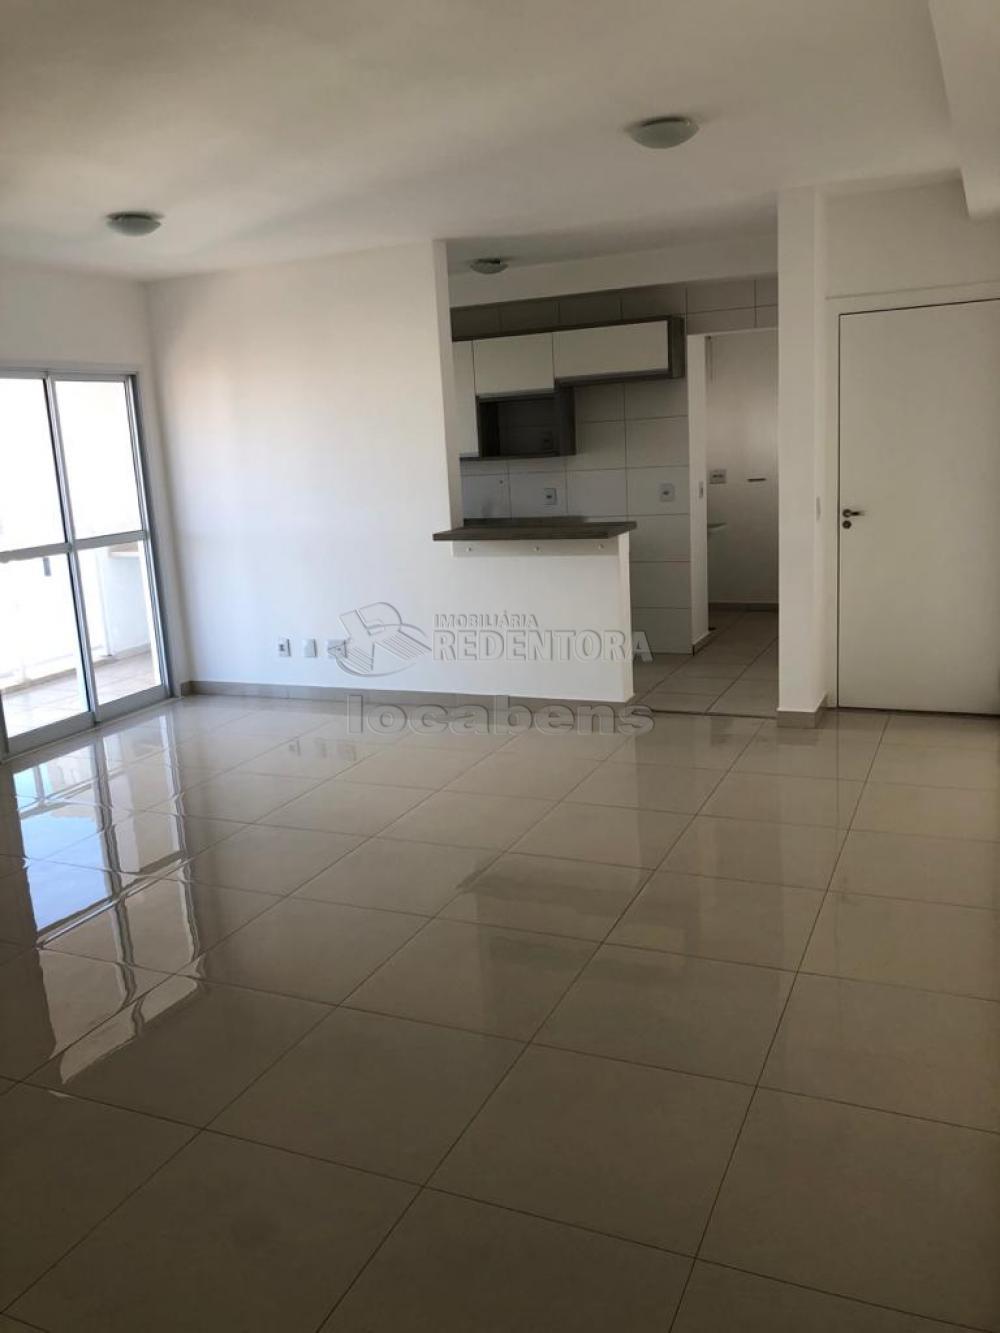 Alugar Apartamento / Padrão em São José do Rio Preto apenas R$ 2.000,00 - Foto 2